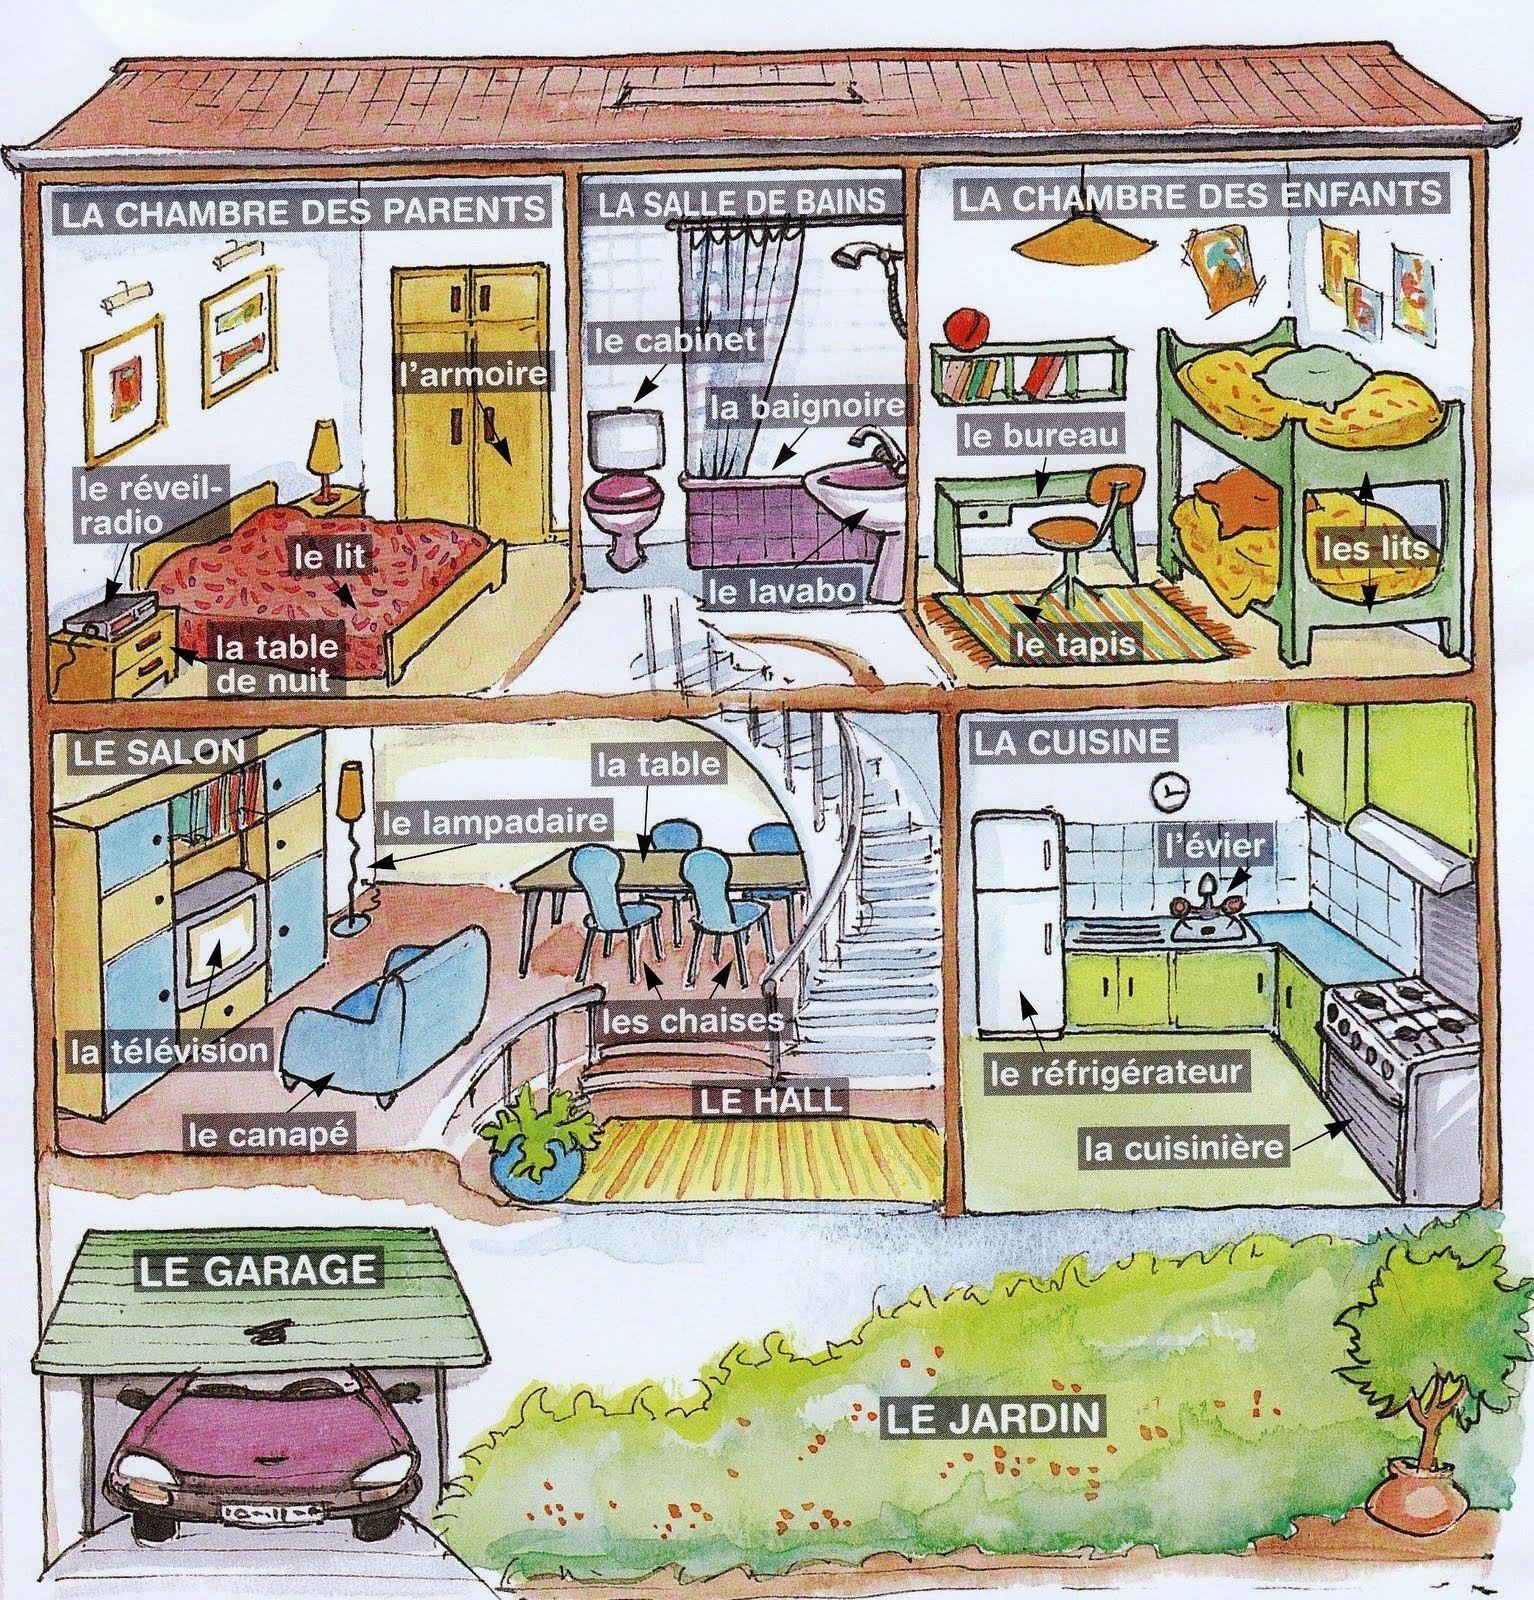 Ripasso facile descrivere la casa in francese for Disegno interno casa